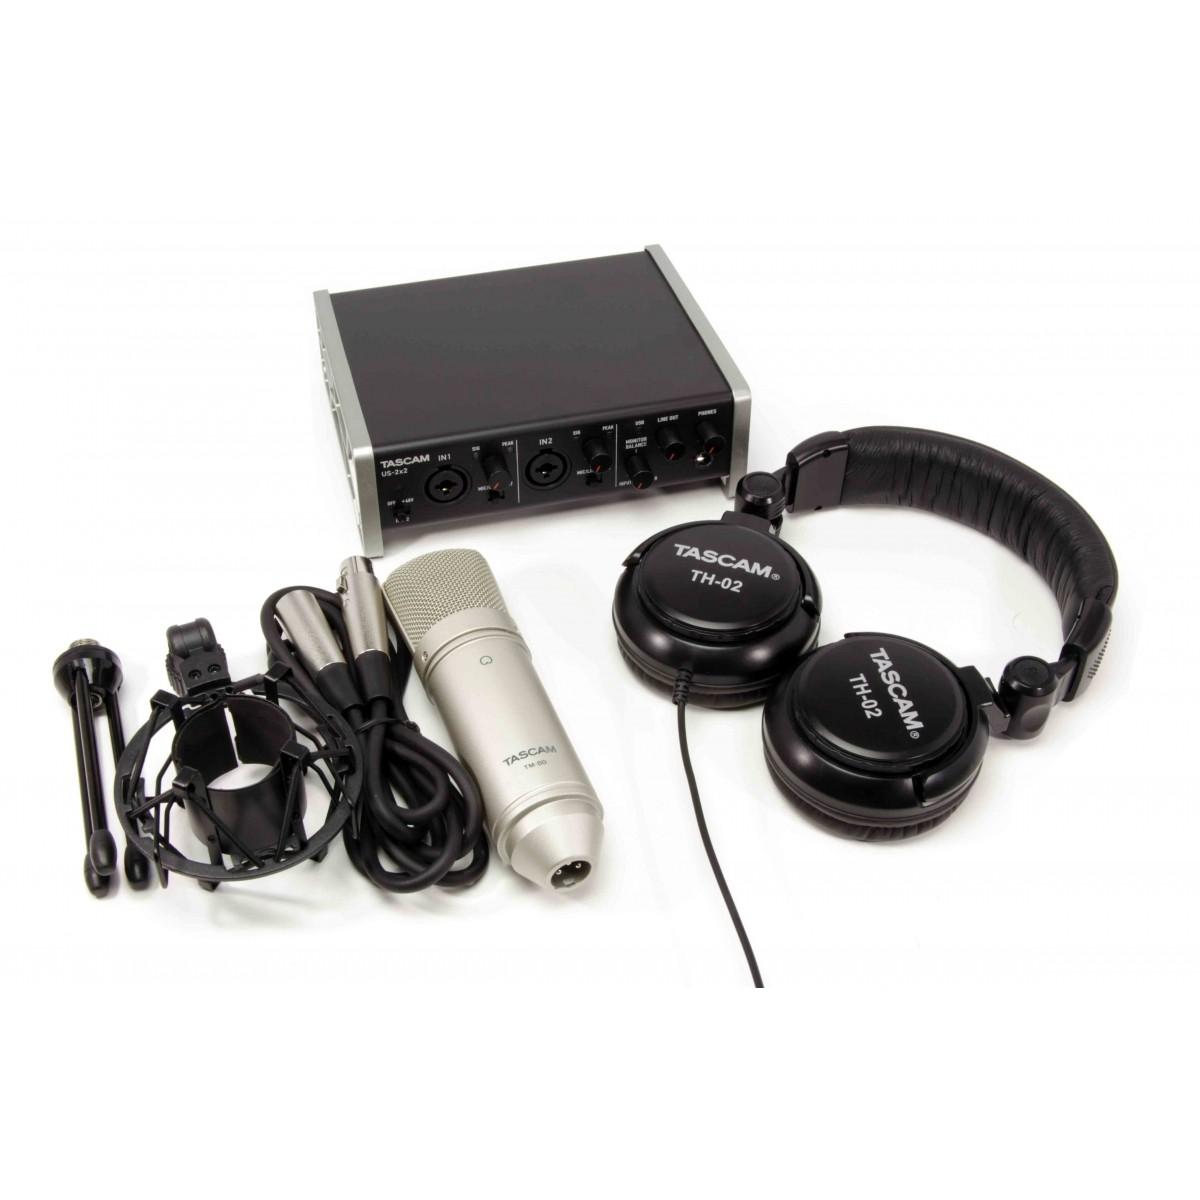 Kit de gravação TASCAM TrackPack 2x2 - interface com mic e fone